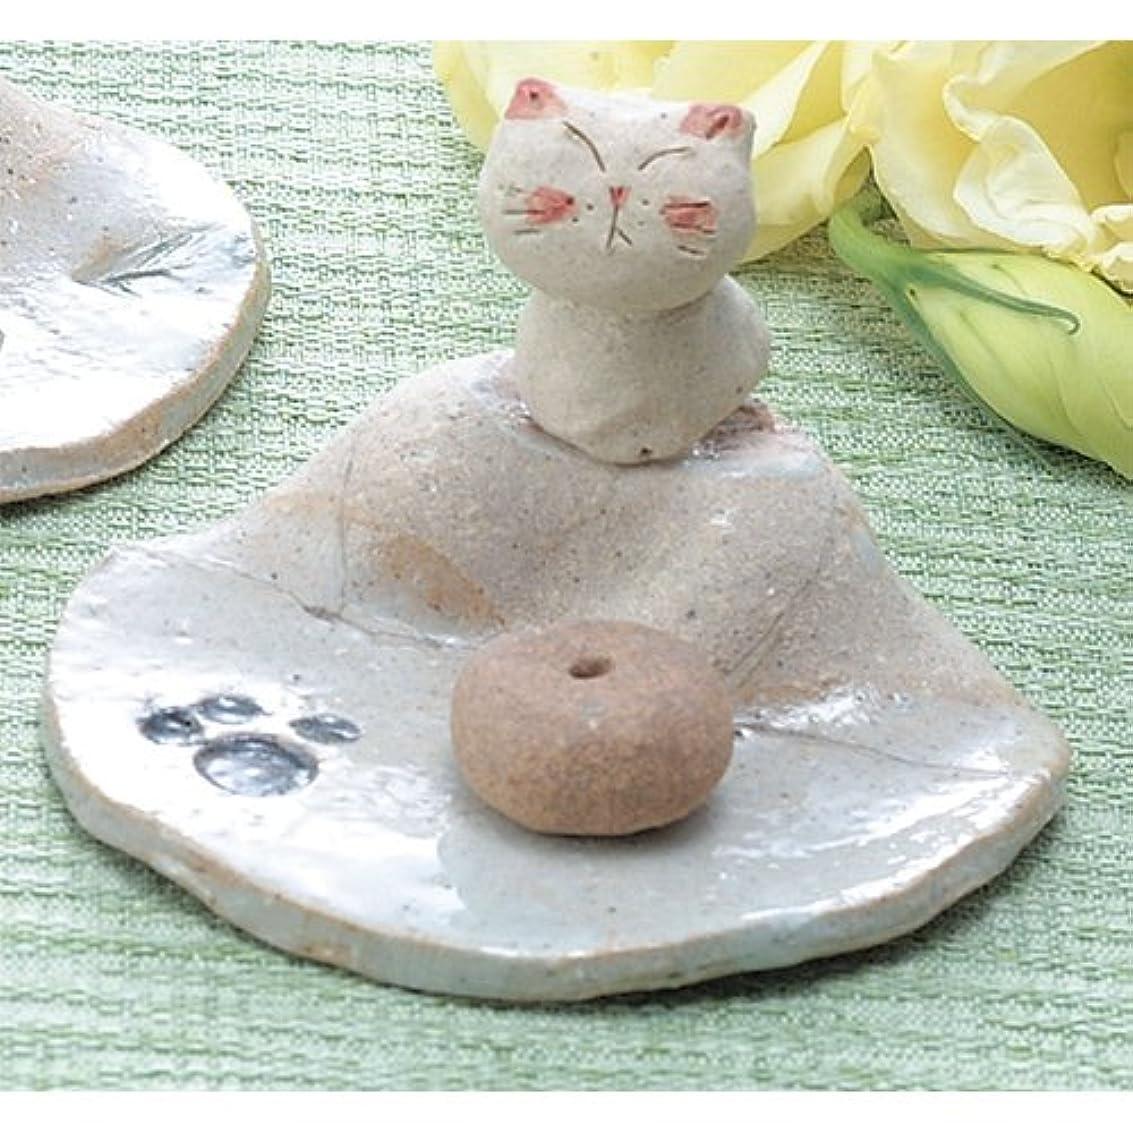 アトミック争いベスト香皿 ほっこり ネコ 香皿 [H4cm] プレゼント ギフト 和食器 かわいい インテリア